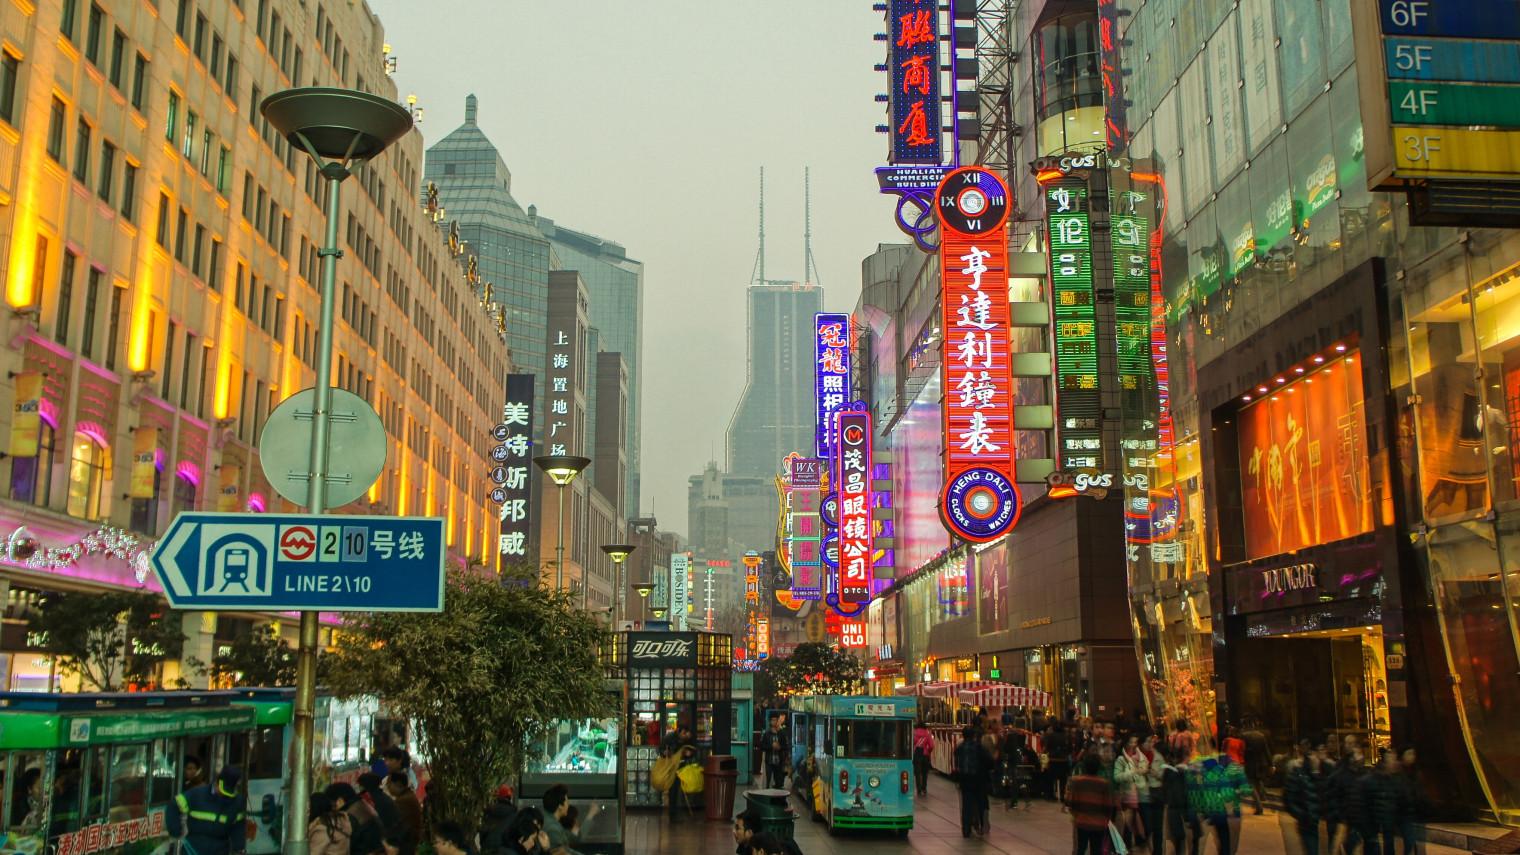 全年首店数量有望破1000家,上海消费在疫情下刷新纪录